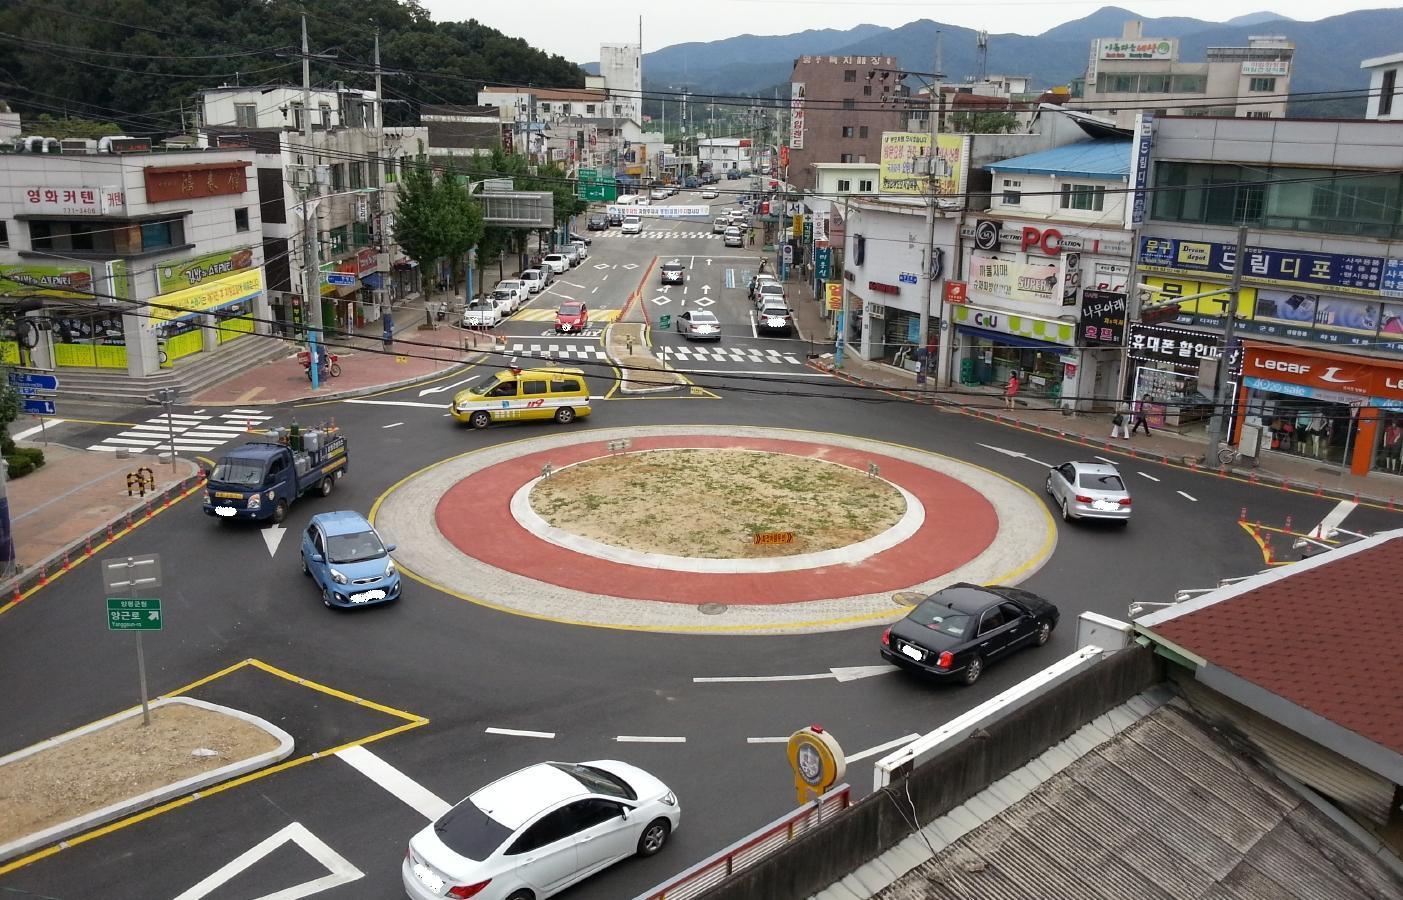 경기도 양평사거리에 설치된 회전교차로. 차들이 교통섬을 중심으로 시계반대방향으로 회전한다. [중앙포토]